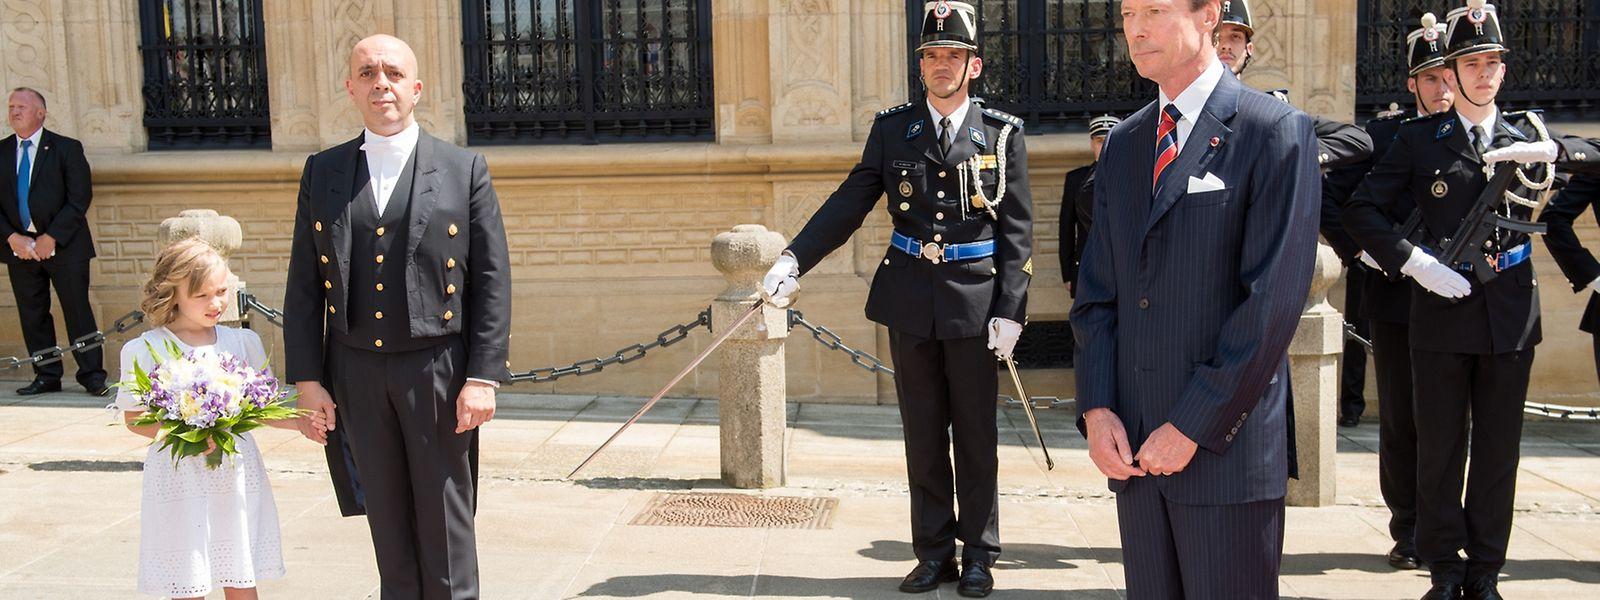 Le grand-duc Henri devant le palais grand-ducal lors de la visite d'État du président de Roumanie Klaus Iohannis et de son épouse Carmen, le 6 juin 2016.